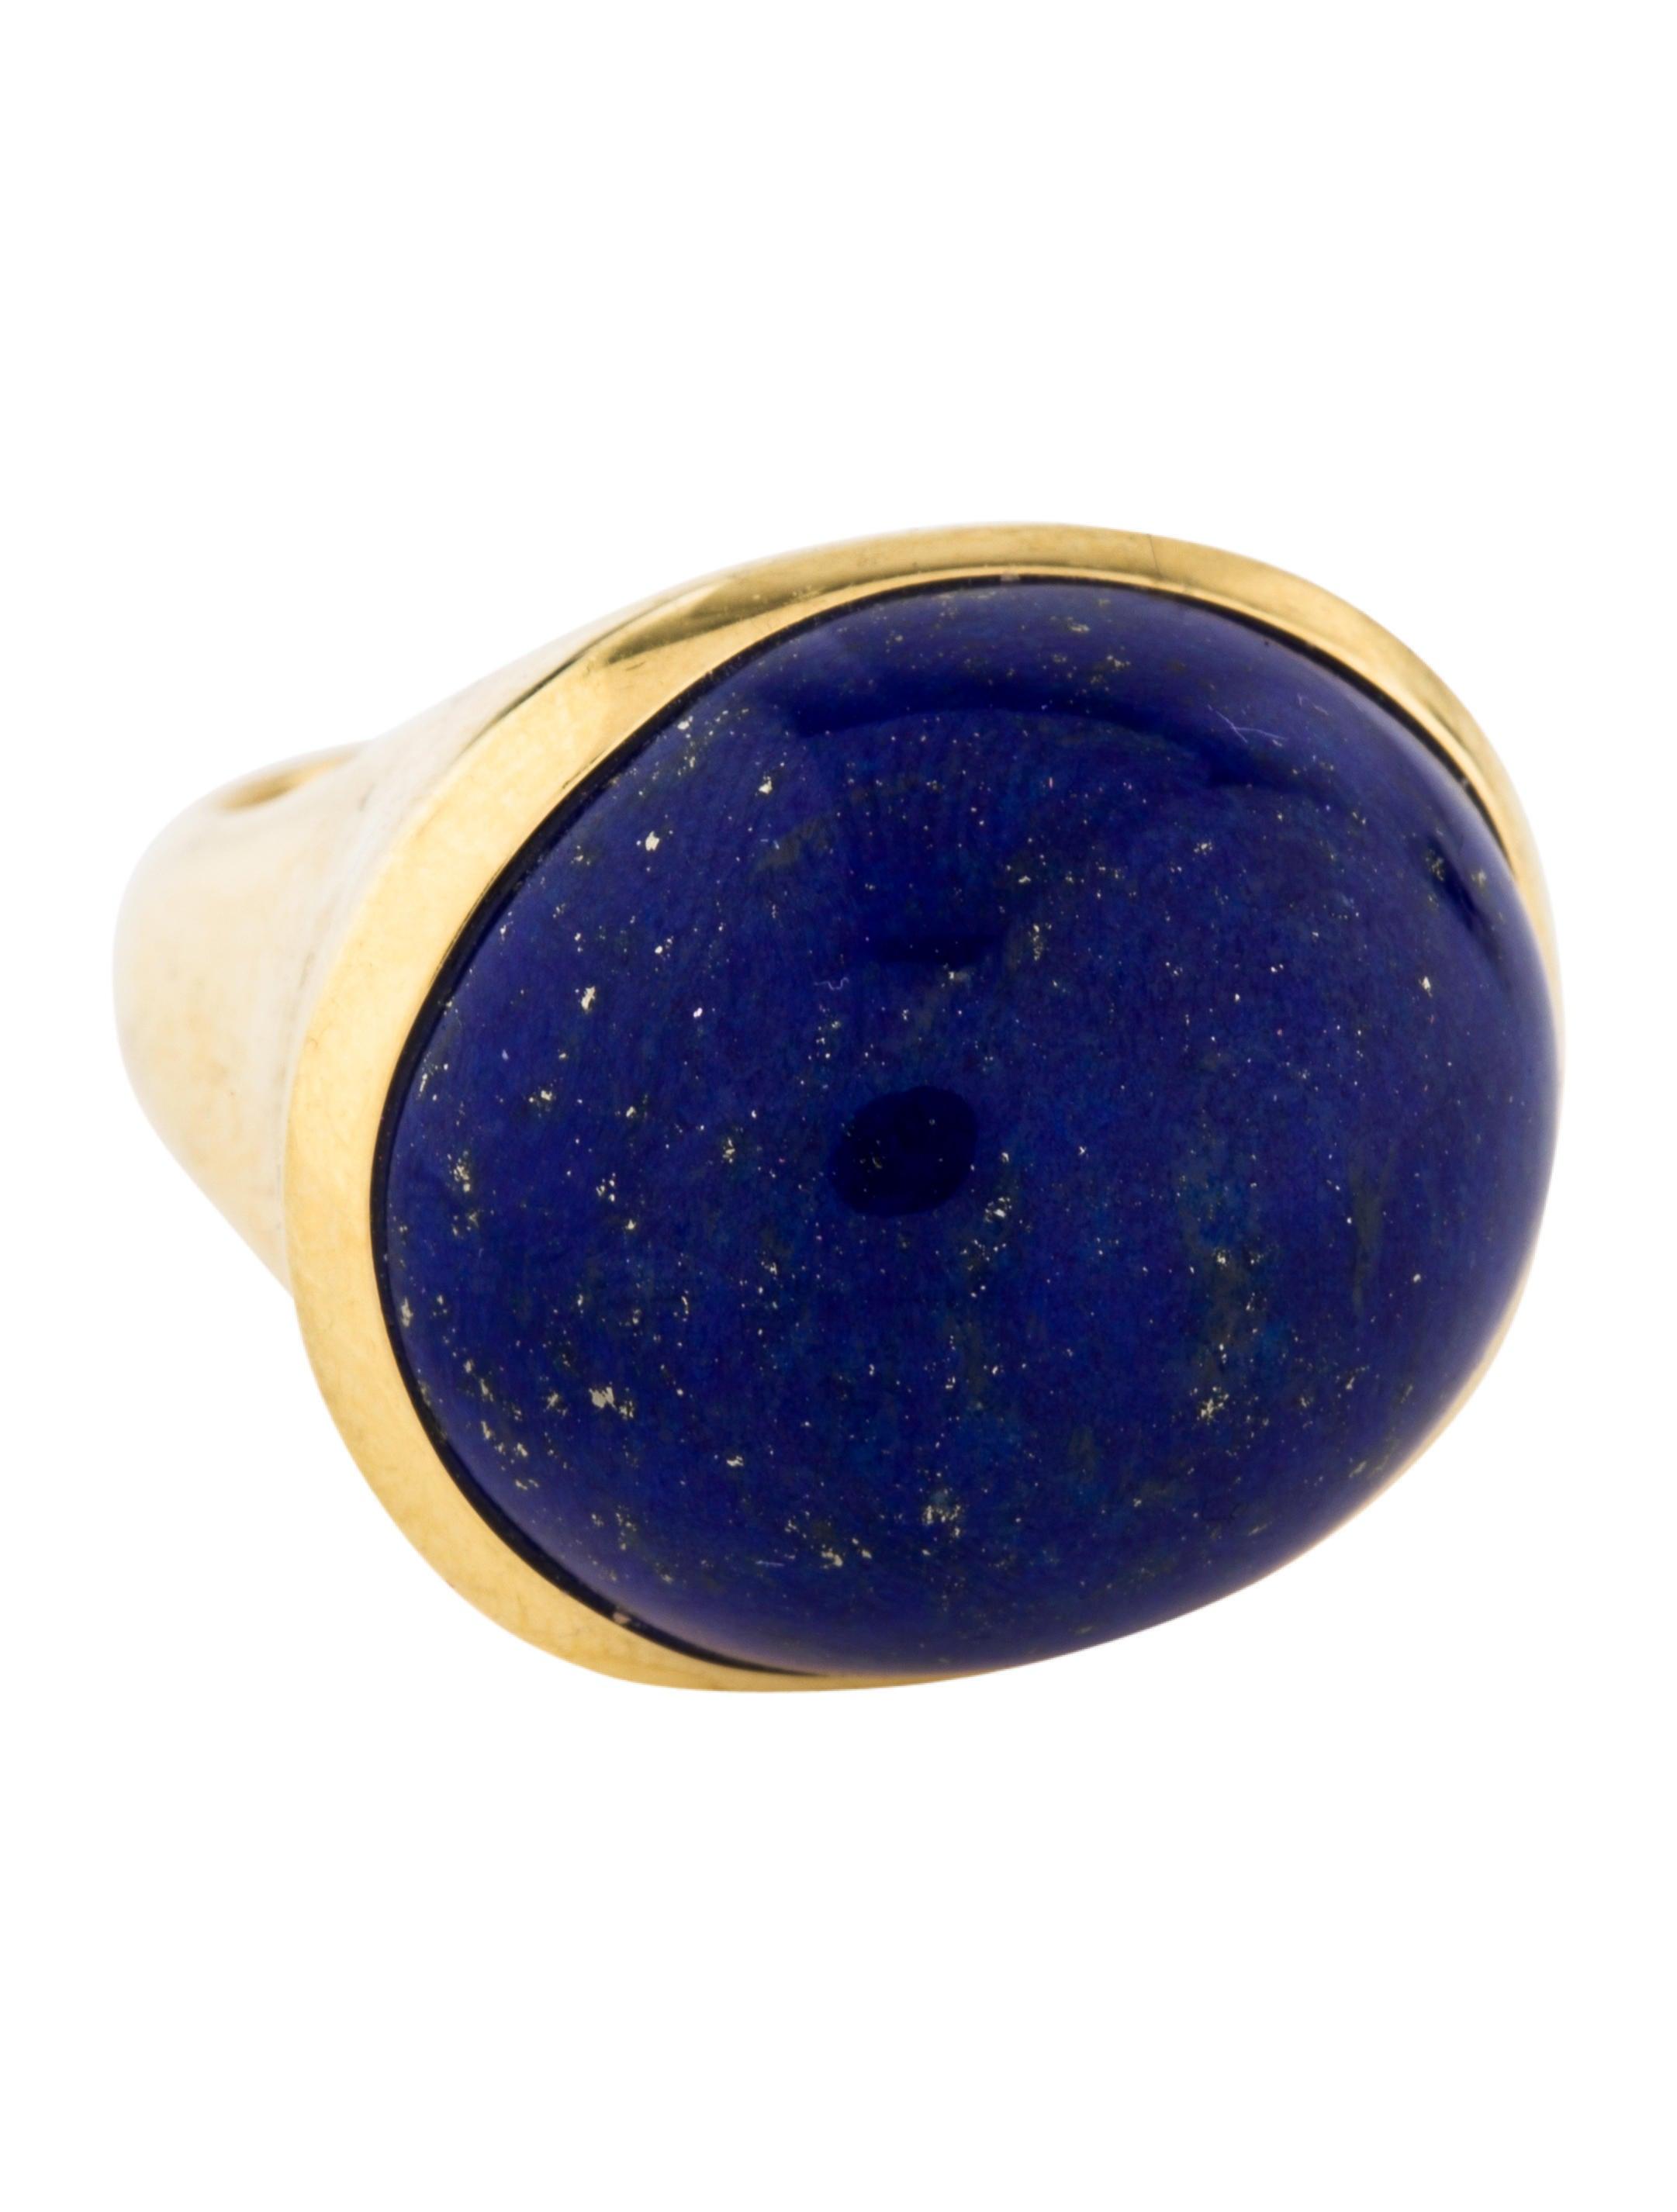 4435dff8c Tiffany & Co. 18K Lapis Lazuli Cocktail Ring - Rings - TIF83241 ...